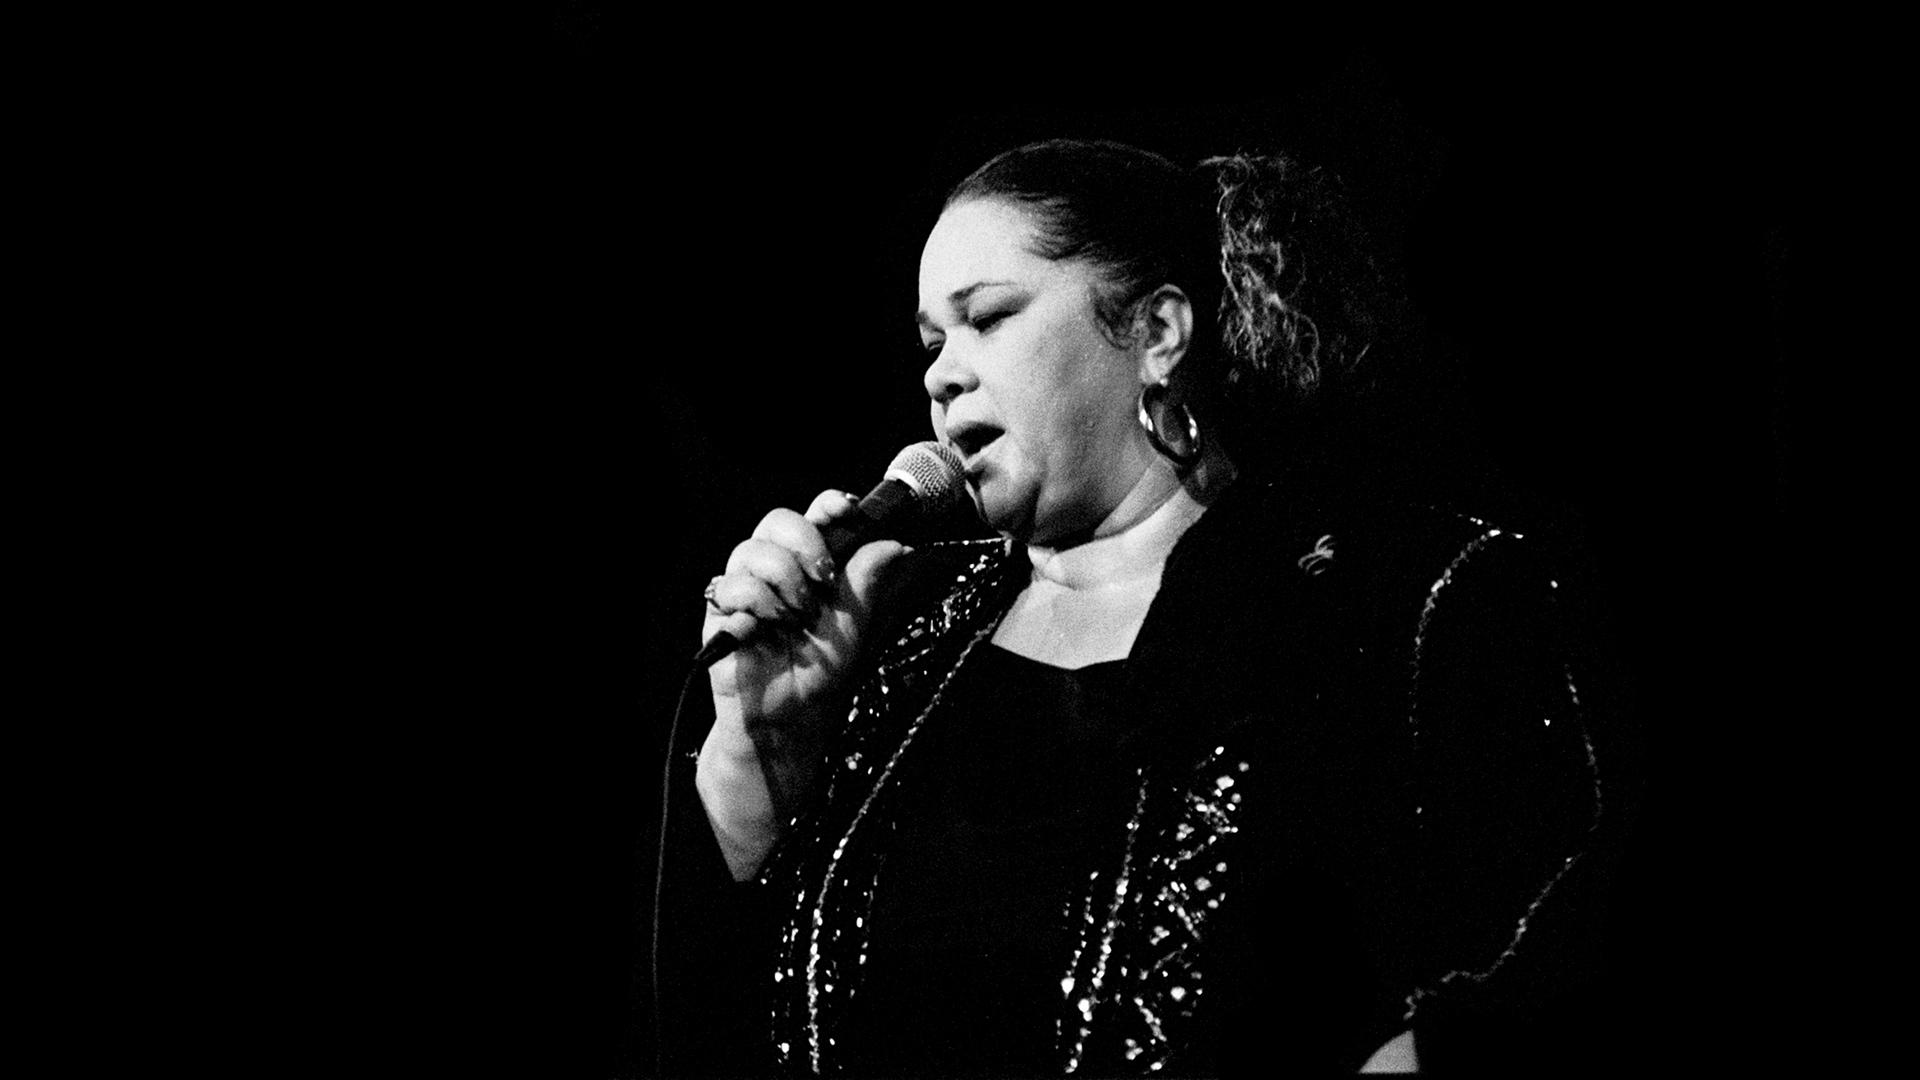 At Last av Etta James